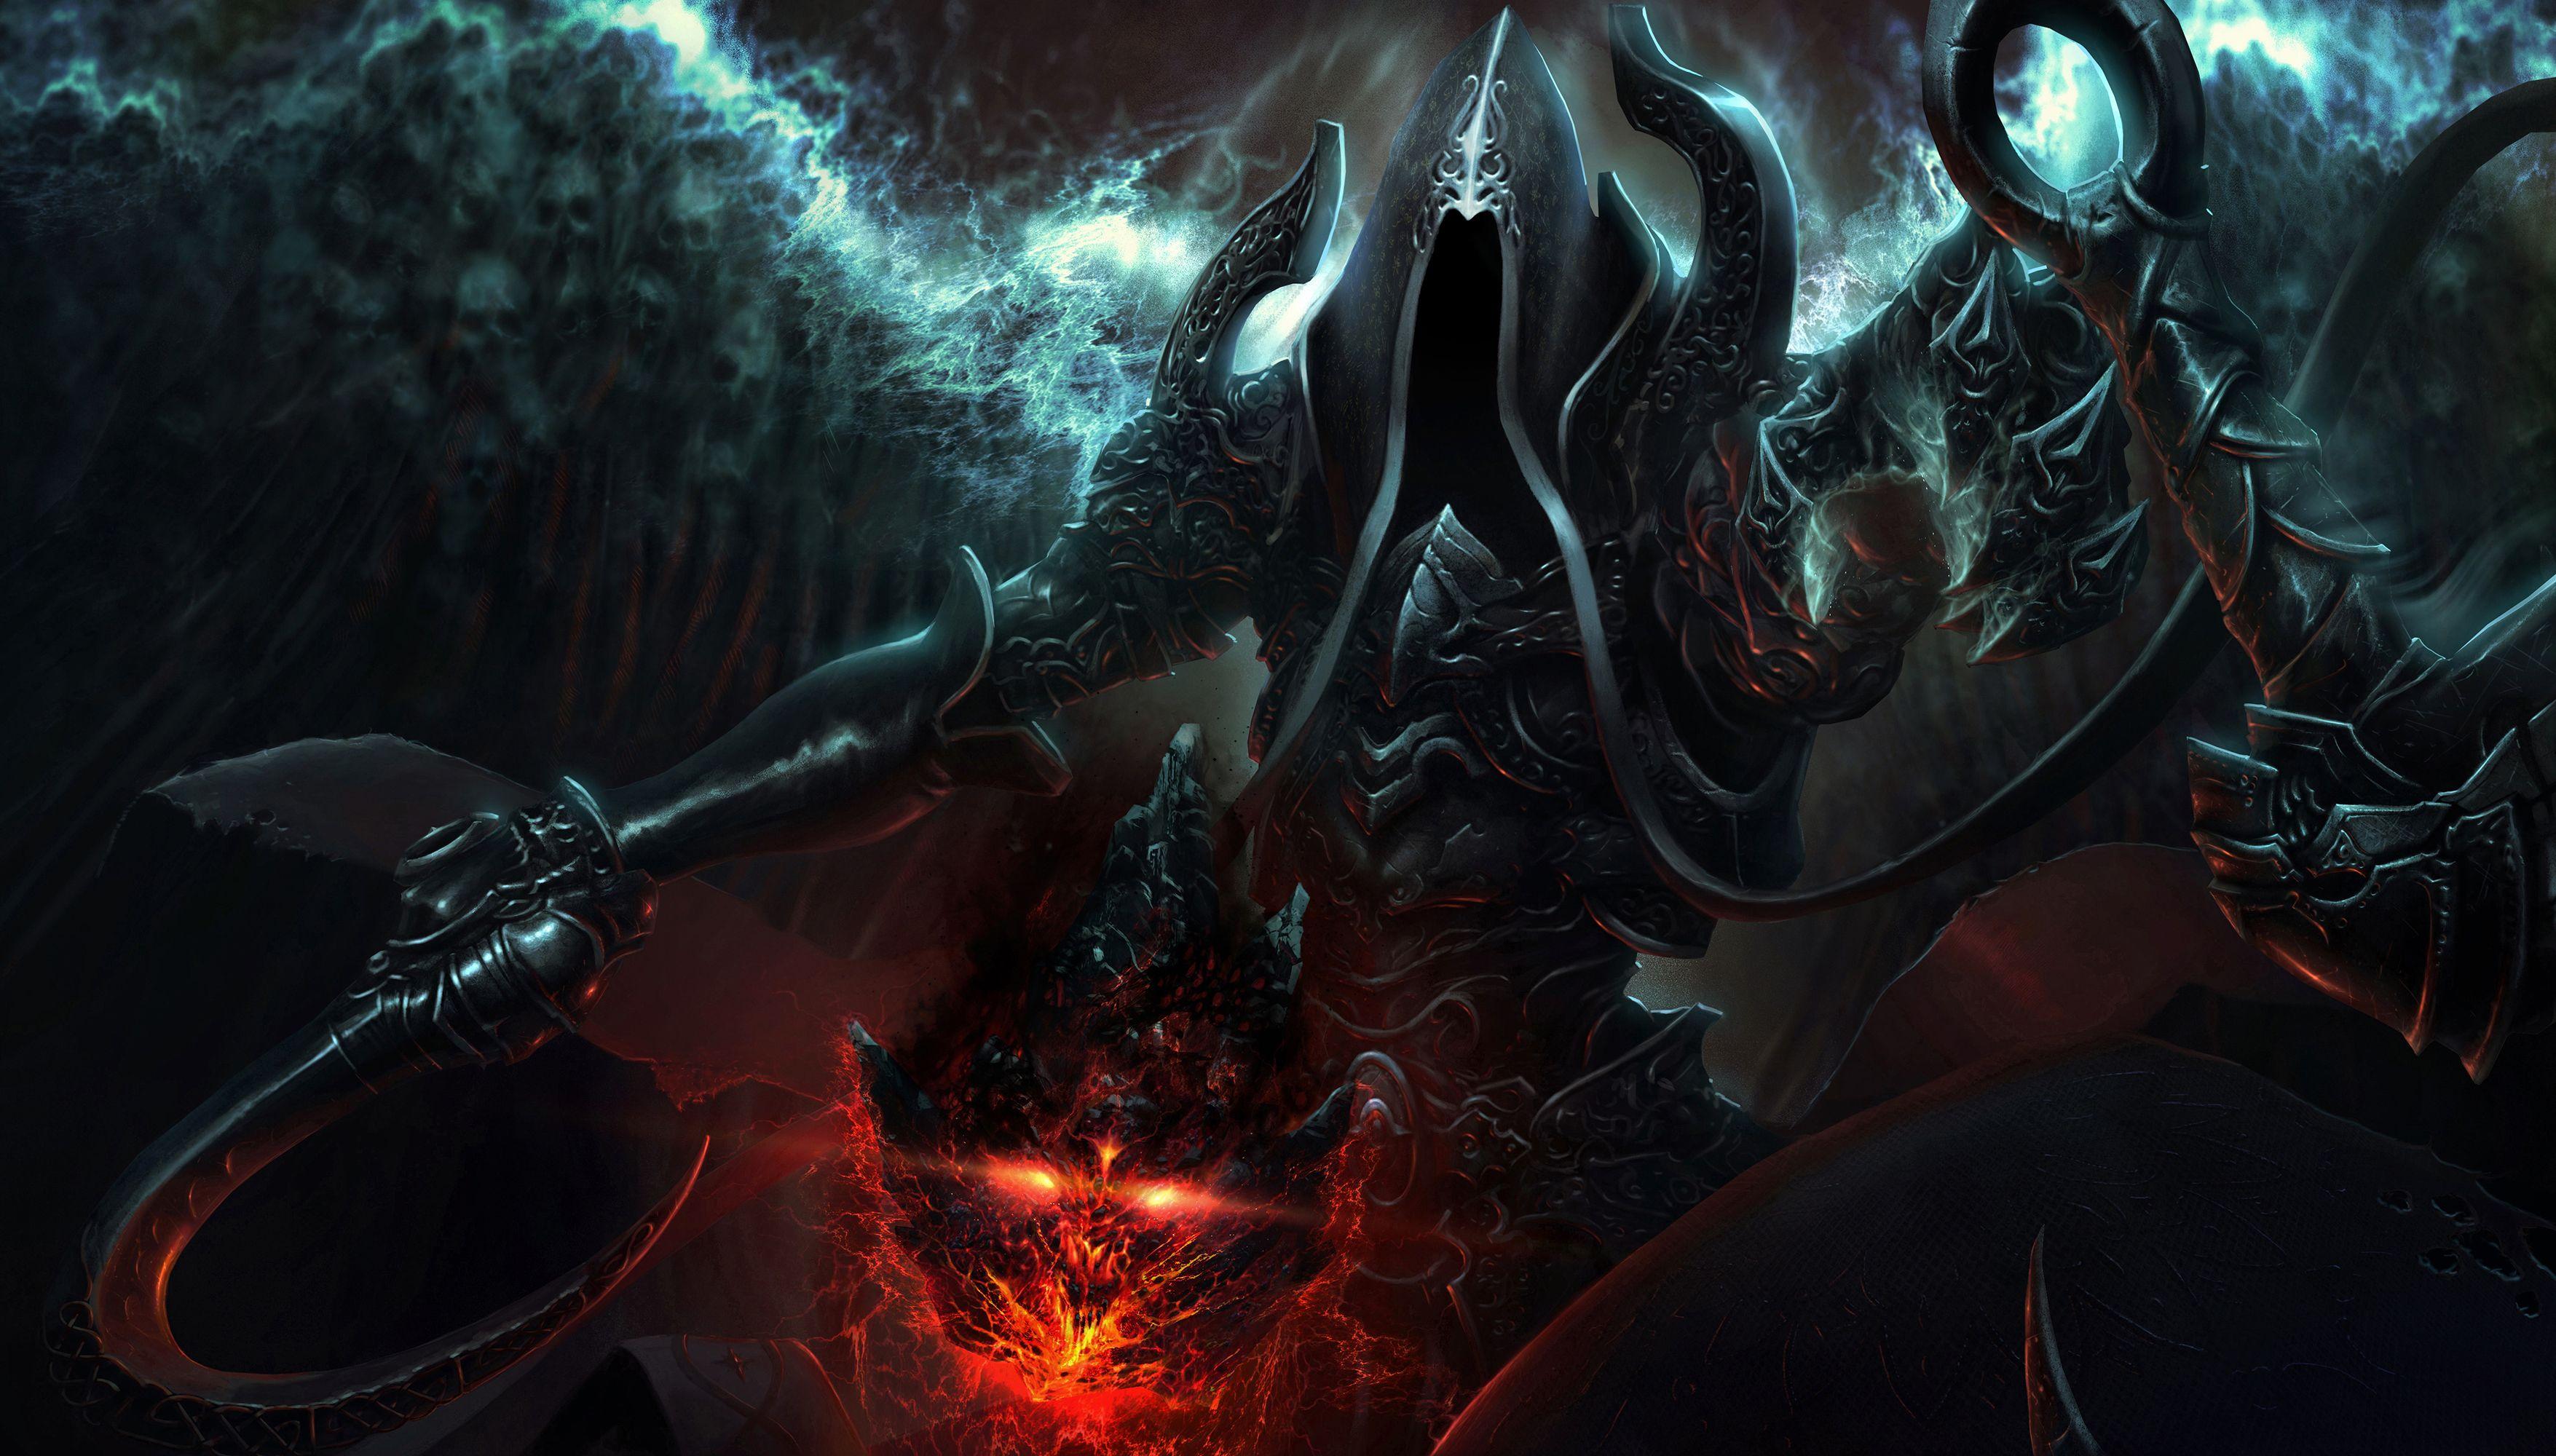 Diablo 3 Reaper of Souls Game Wallpaper Diablo III